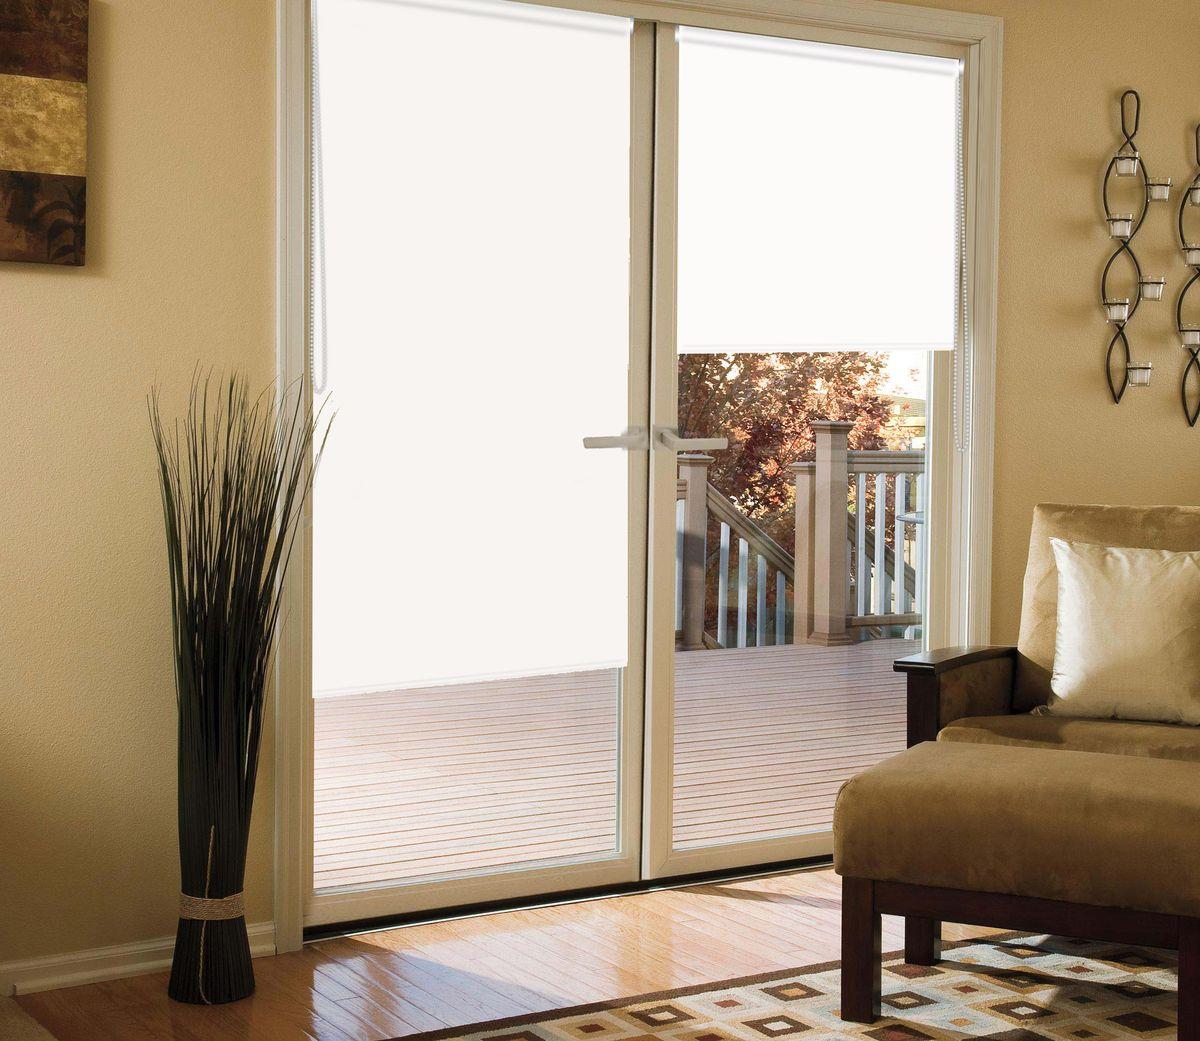 Штора рулонная для балконной двери Эскар Миниролло. Blackout, светоотражающая, цвет: белый, ширина 52 см, высота 215 смS03301004Рулонная светоотражающая штора Эскар Миниролло. Blackout выполнена из высокопрочной ткани, не пропускающей солнечный свет. Такие шторы изготовляютсяиз полностью светонепроницаемого материала blackout. Это свойствообеспечивается структурой ткани и специальными вплетенными нитями, удерживающими проникновение света.- Используются в кинотеатрах, фотолабораториях, детских комнатах и других помещениях, где необходимо абсолютное затемнение;- Удобны в уходе и эксплуатации.Миниролло - это подвид рулонных штор, который закрывает не весь оконный проем, а непосредственно само стекло. Такие шторы крепятся на раму без сверления при помощи зажимов или клейкой двухсторонней ленты. Окно остается на гарантии, благодаря монтажу без сверления.